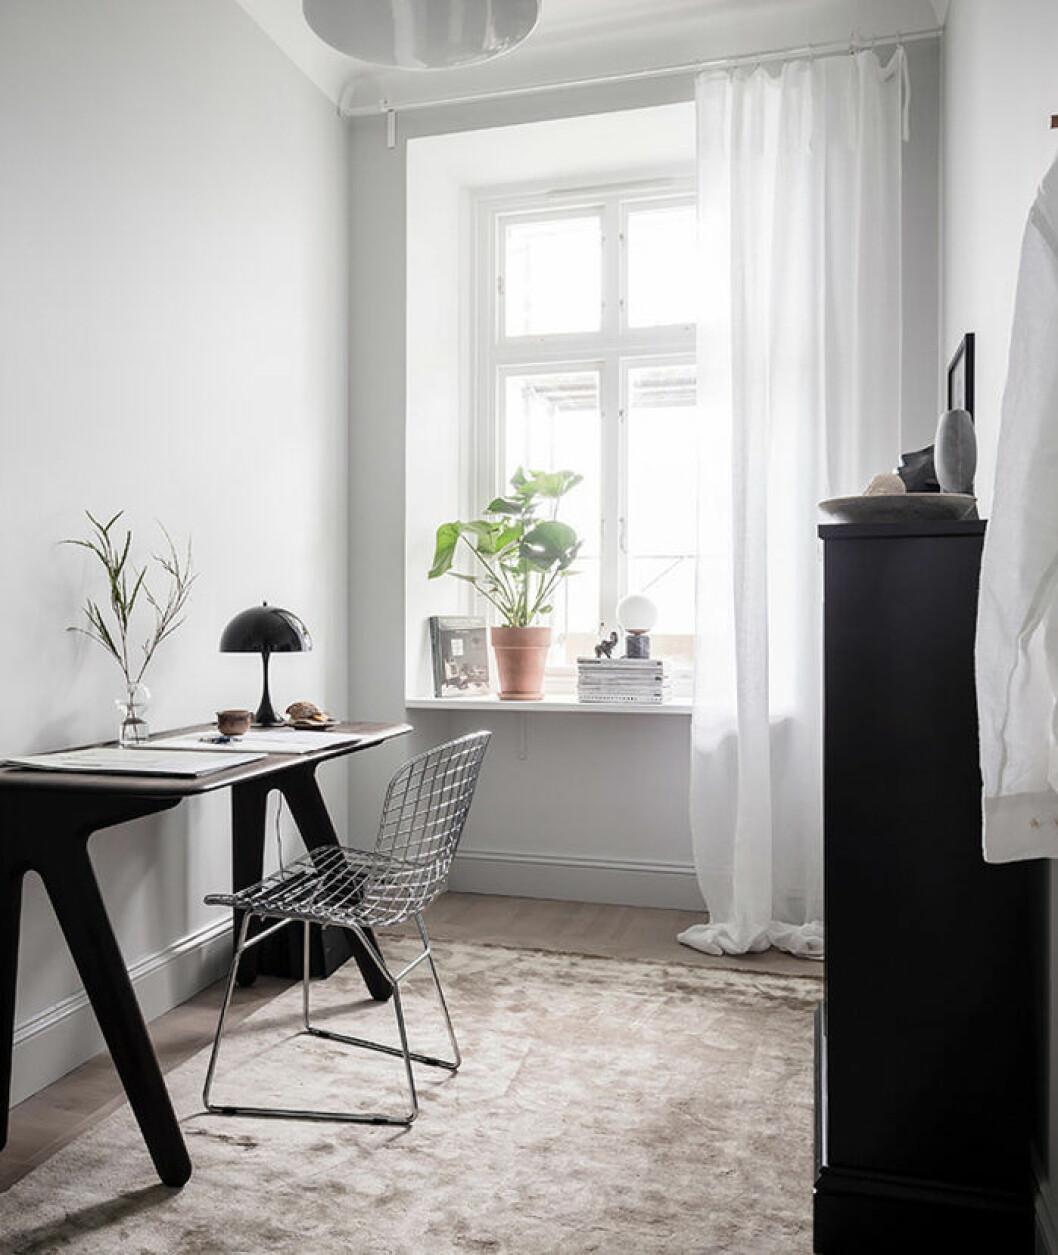 Gardiner i ett smalt rum med fönster